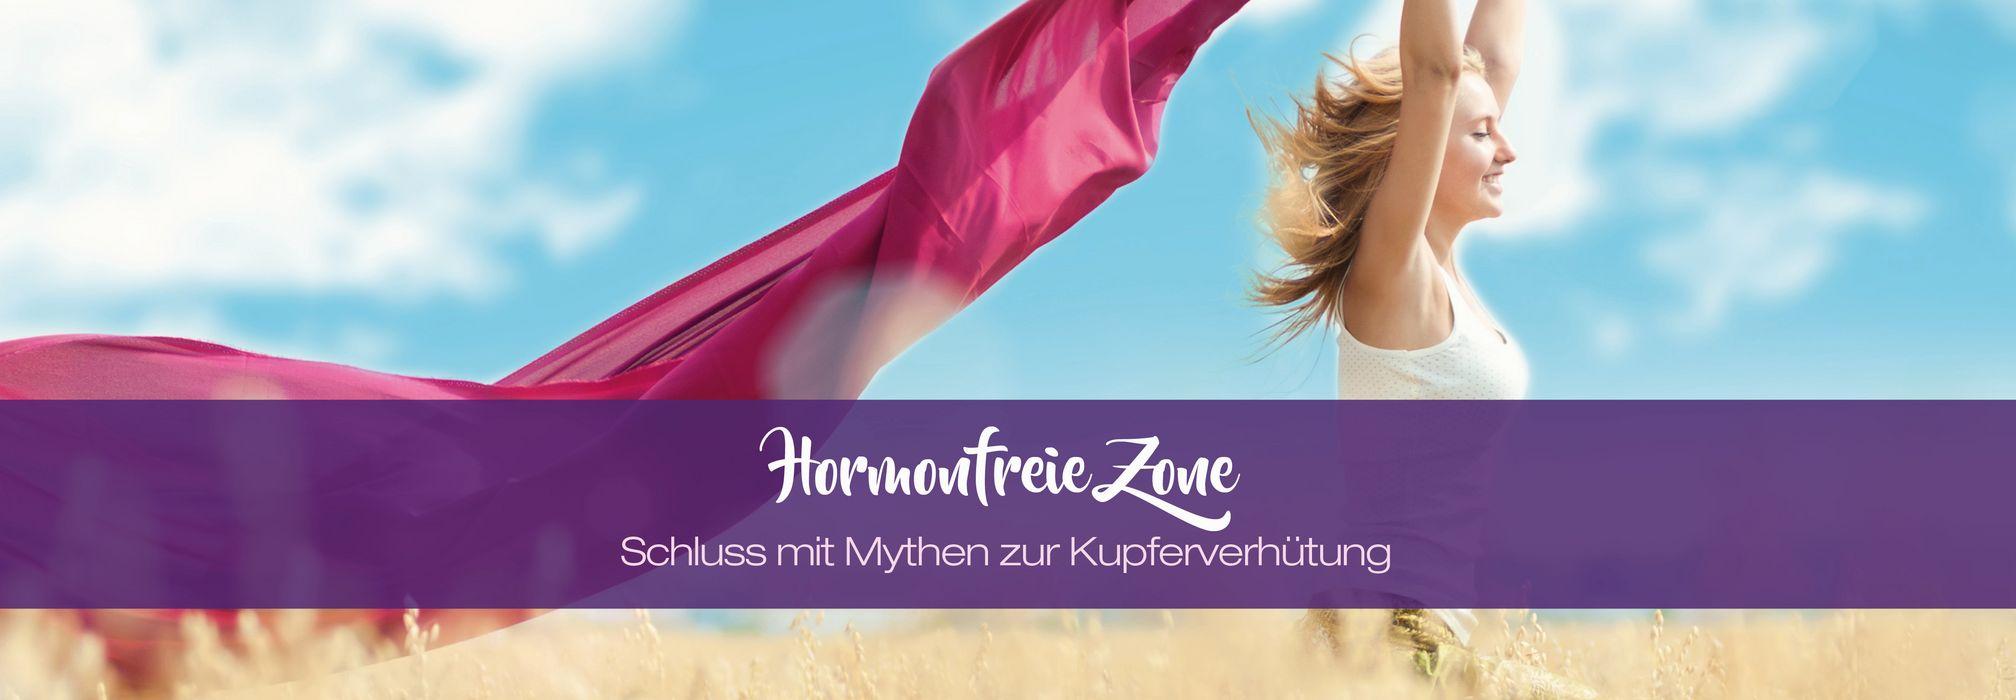 Hormonfreie Zone